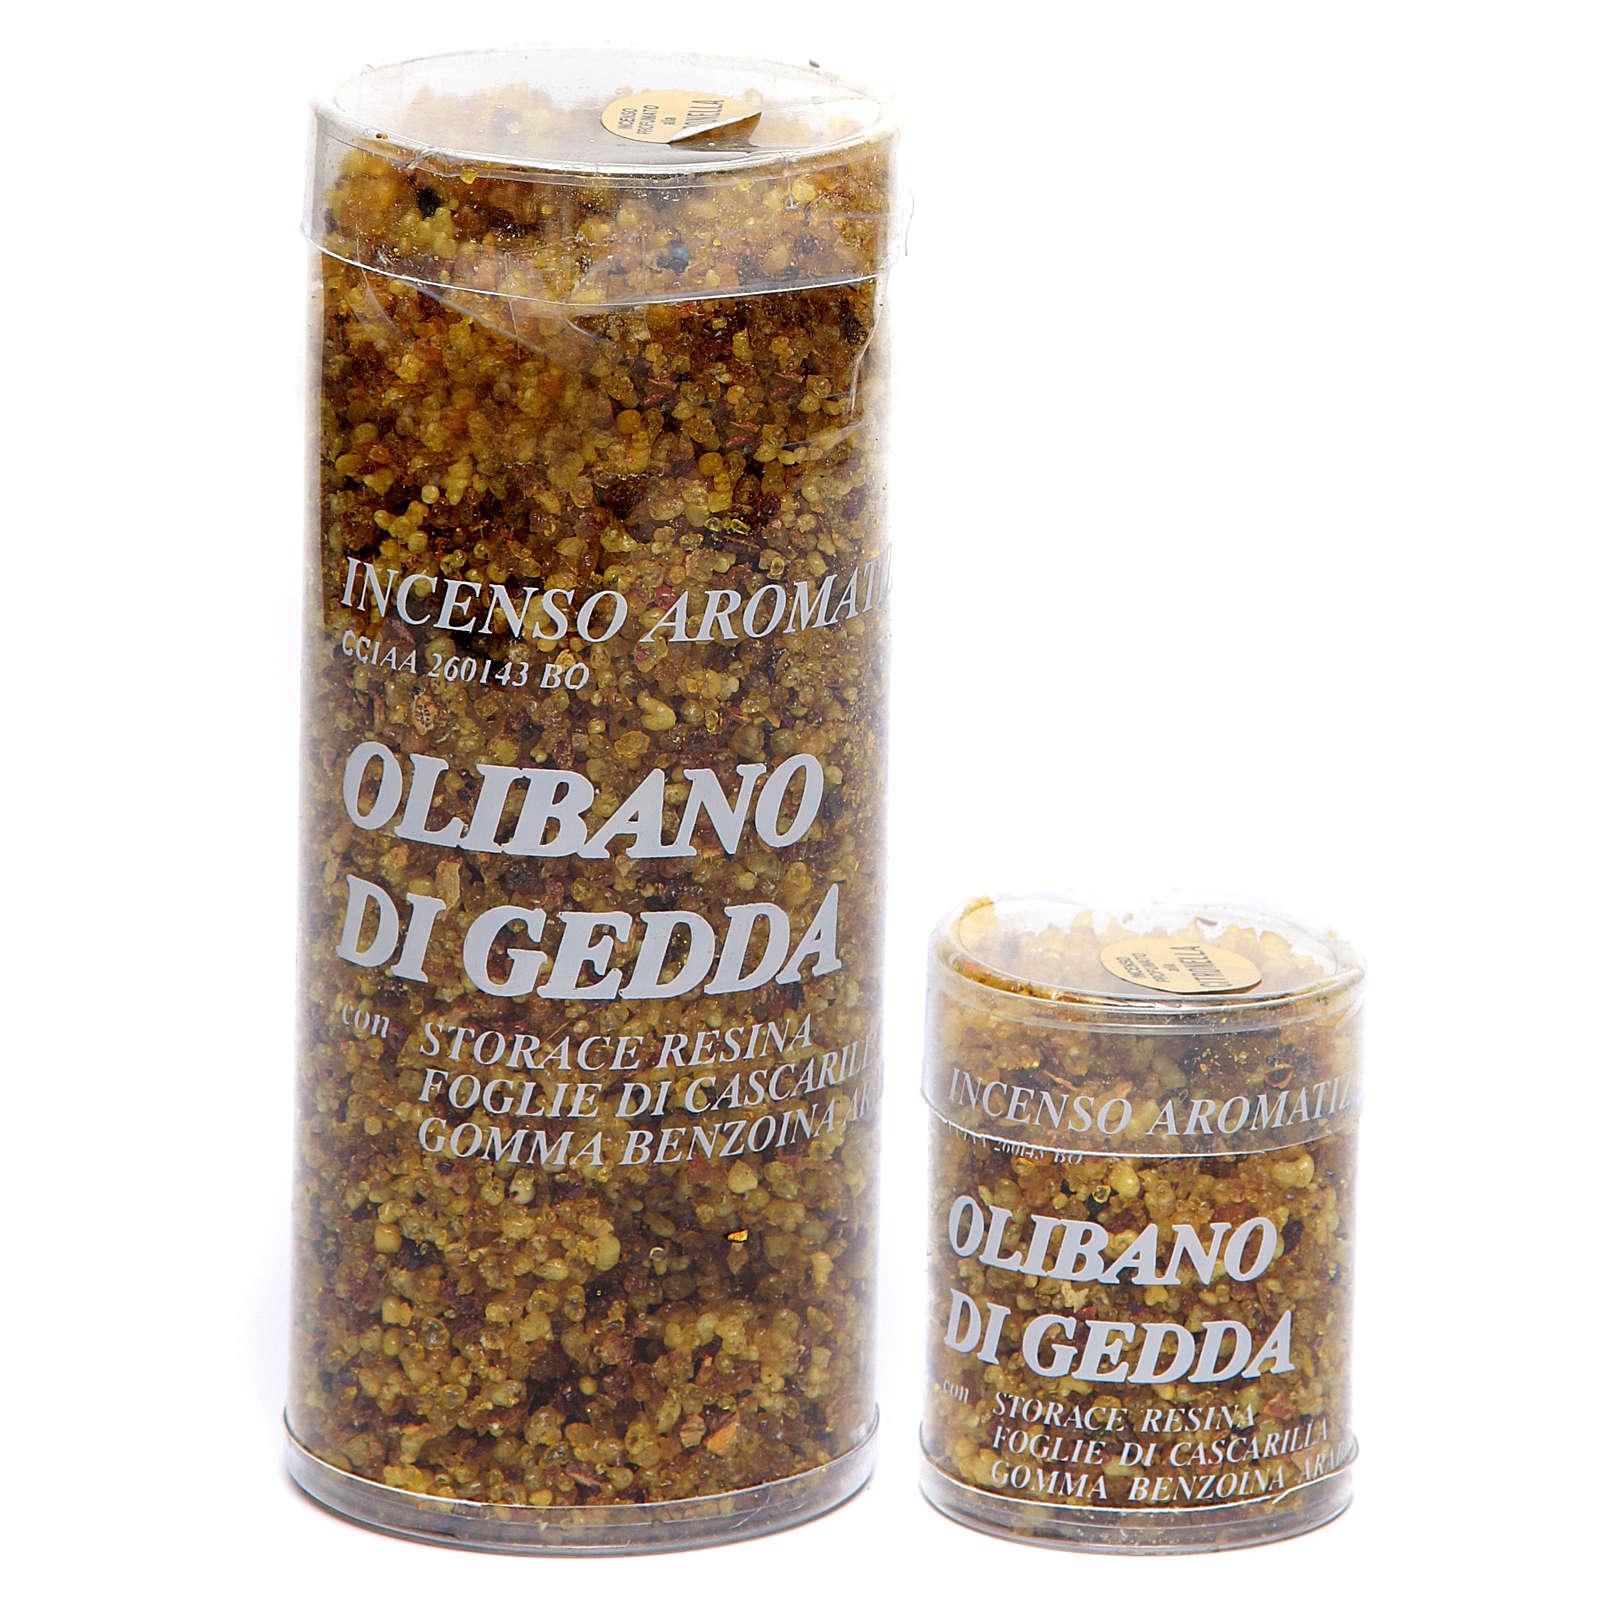 Incenso olibano di Gedda citronella 3